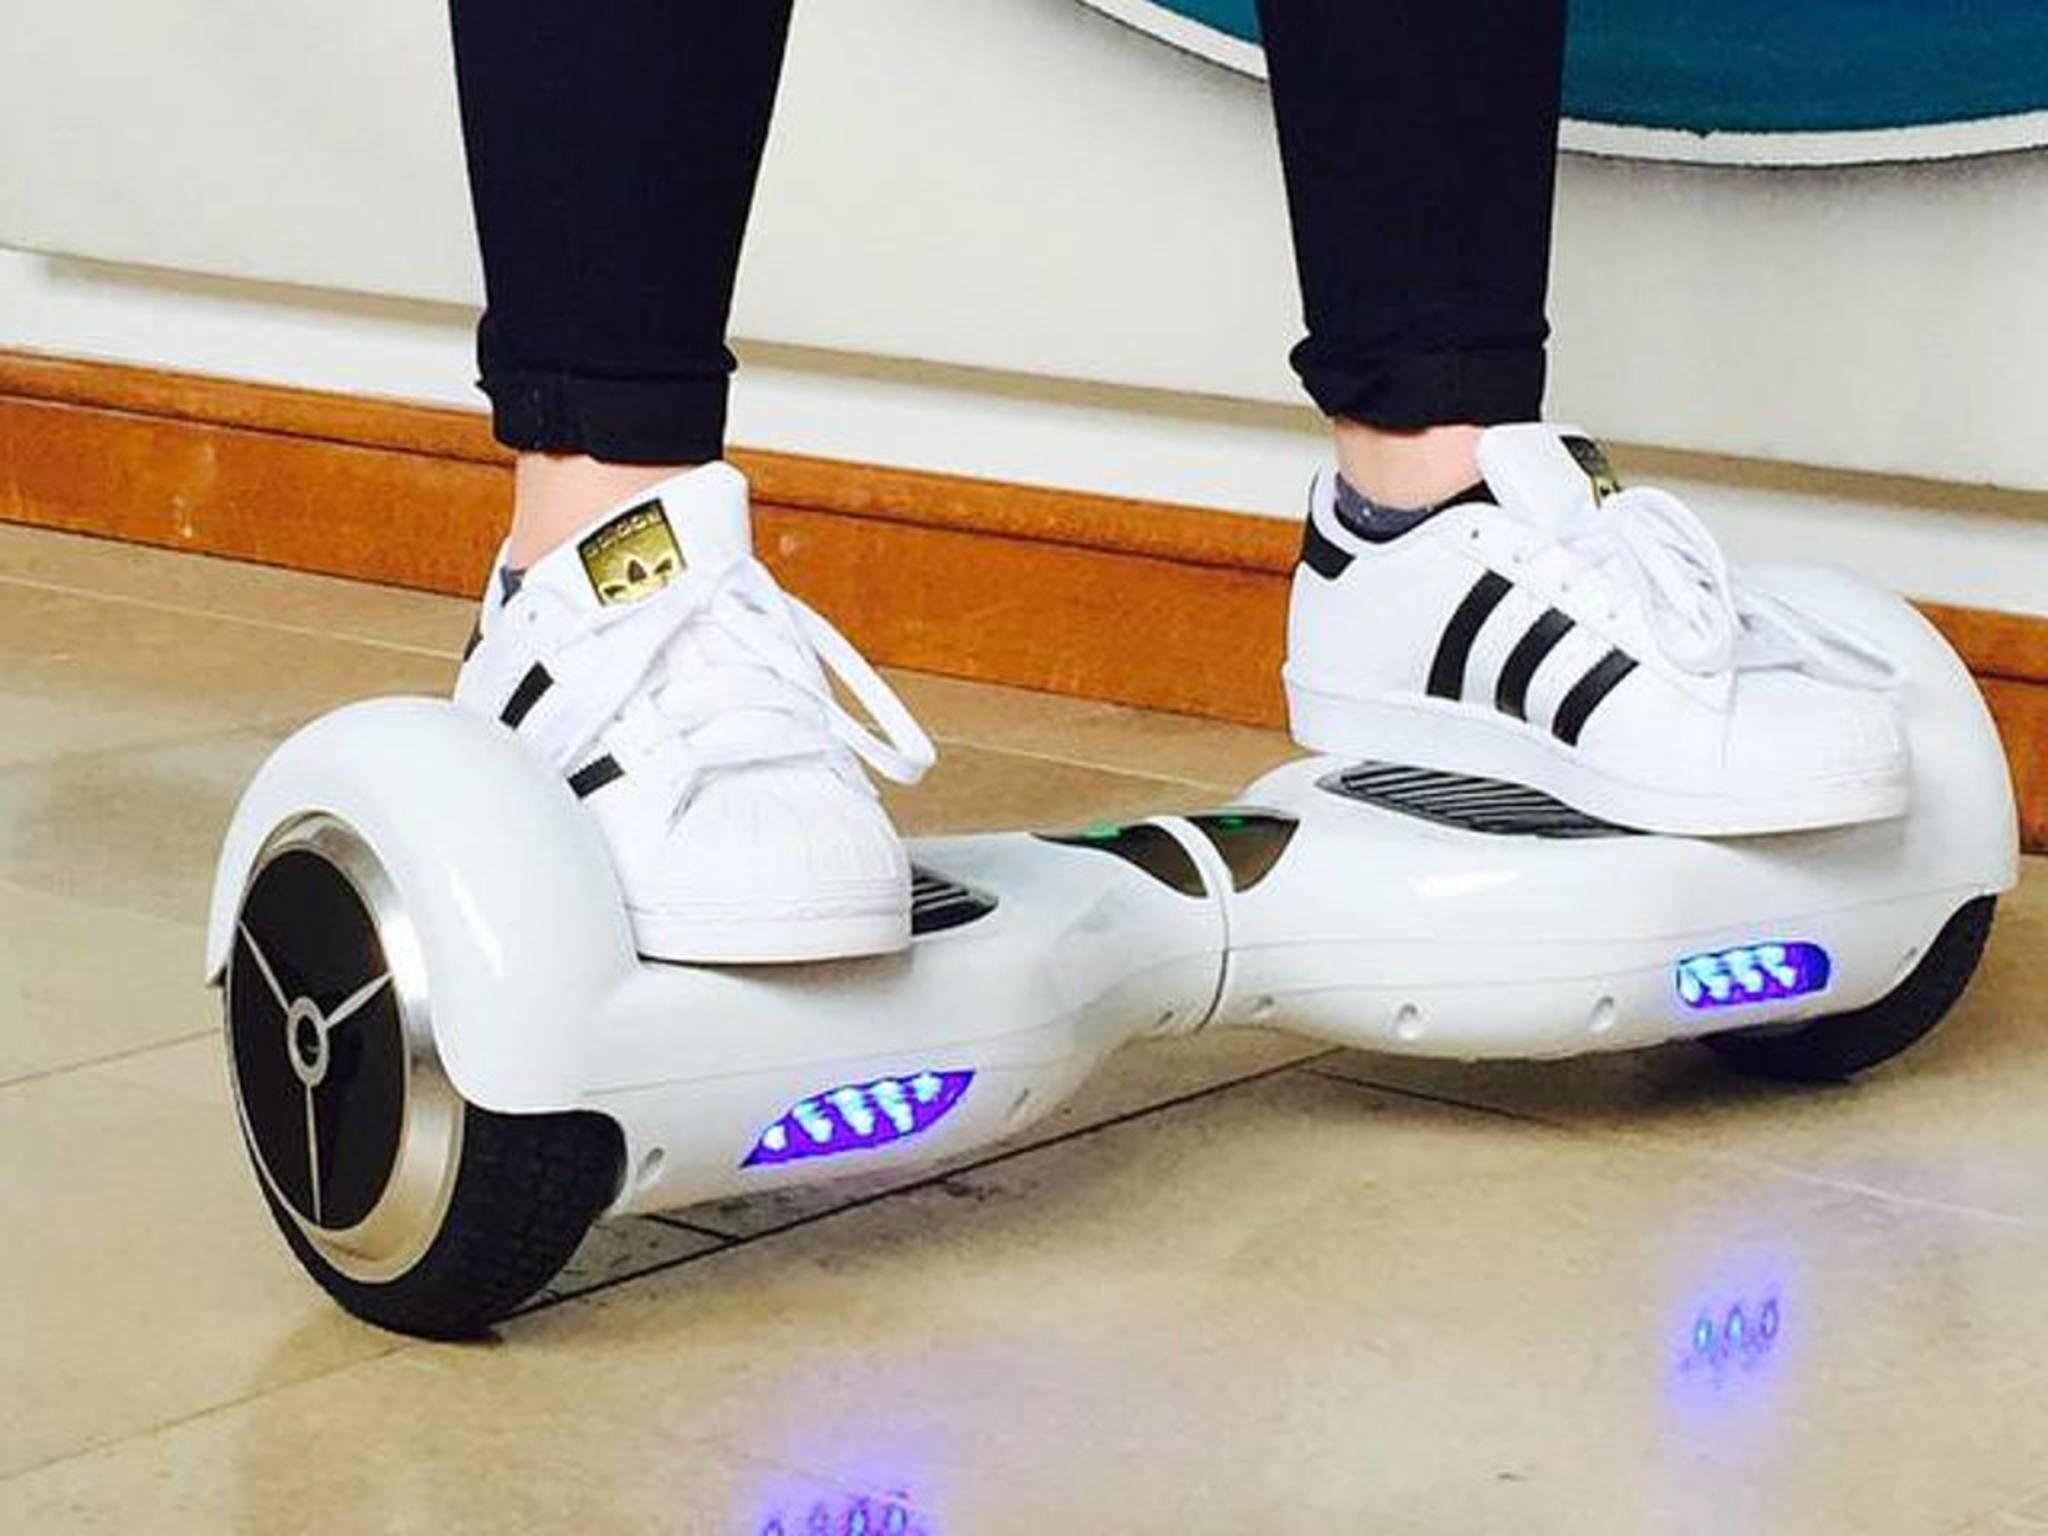 Wir zeigen die coolsten und abgefahrensten Hoverboards